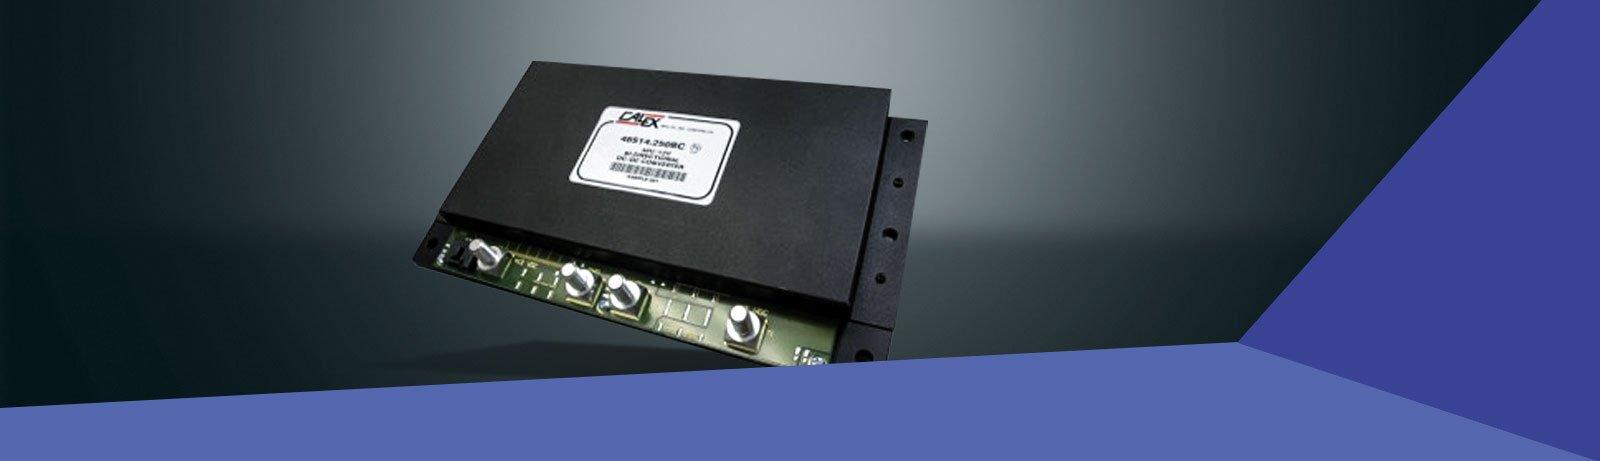 Kompakter 3500W bi-direktionaler DC/DC Konverter für Mikrohybrid-Automationsanwendungen